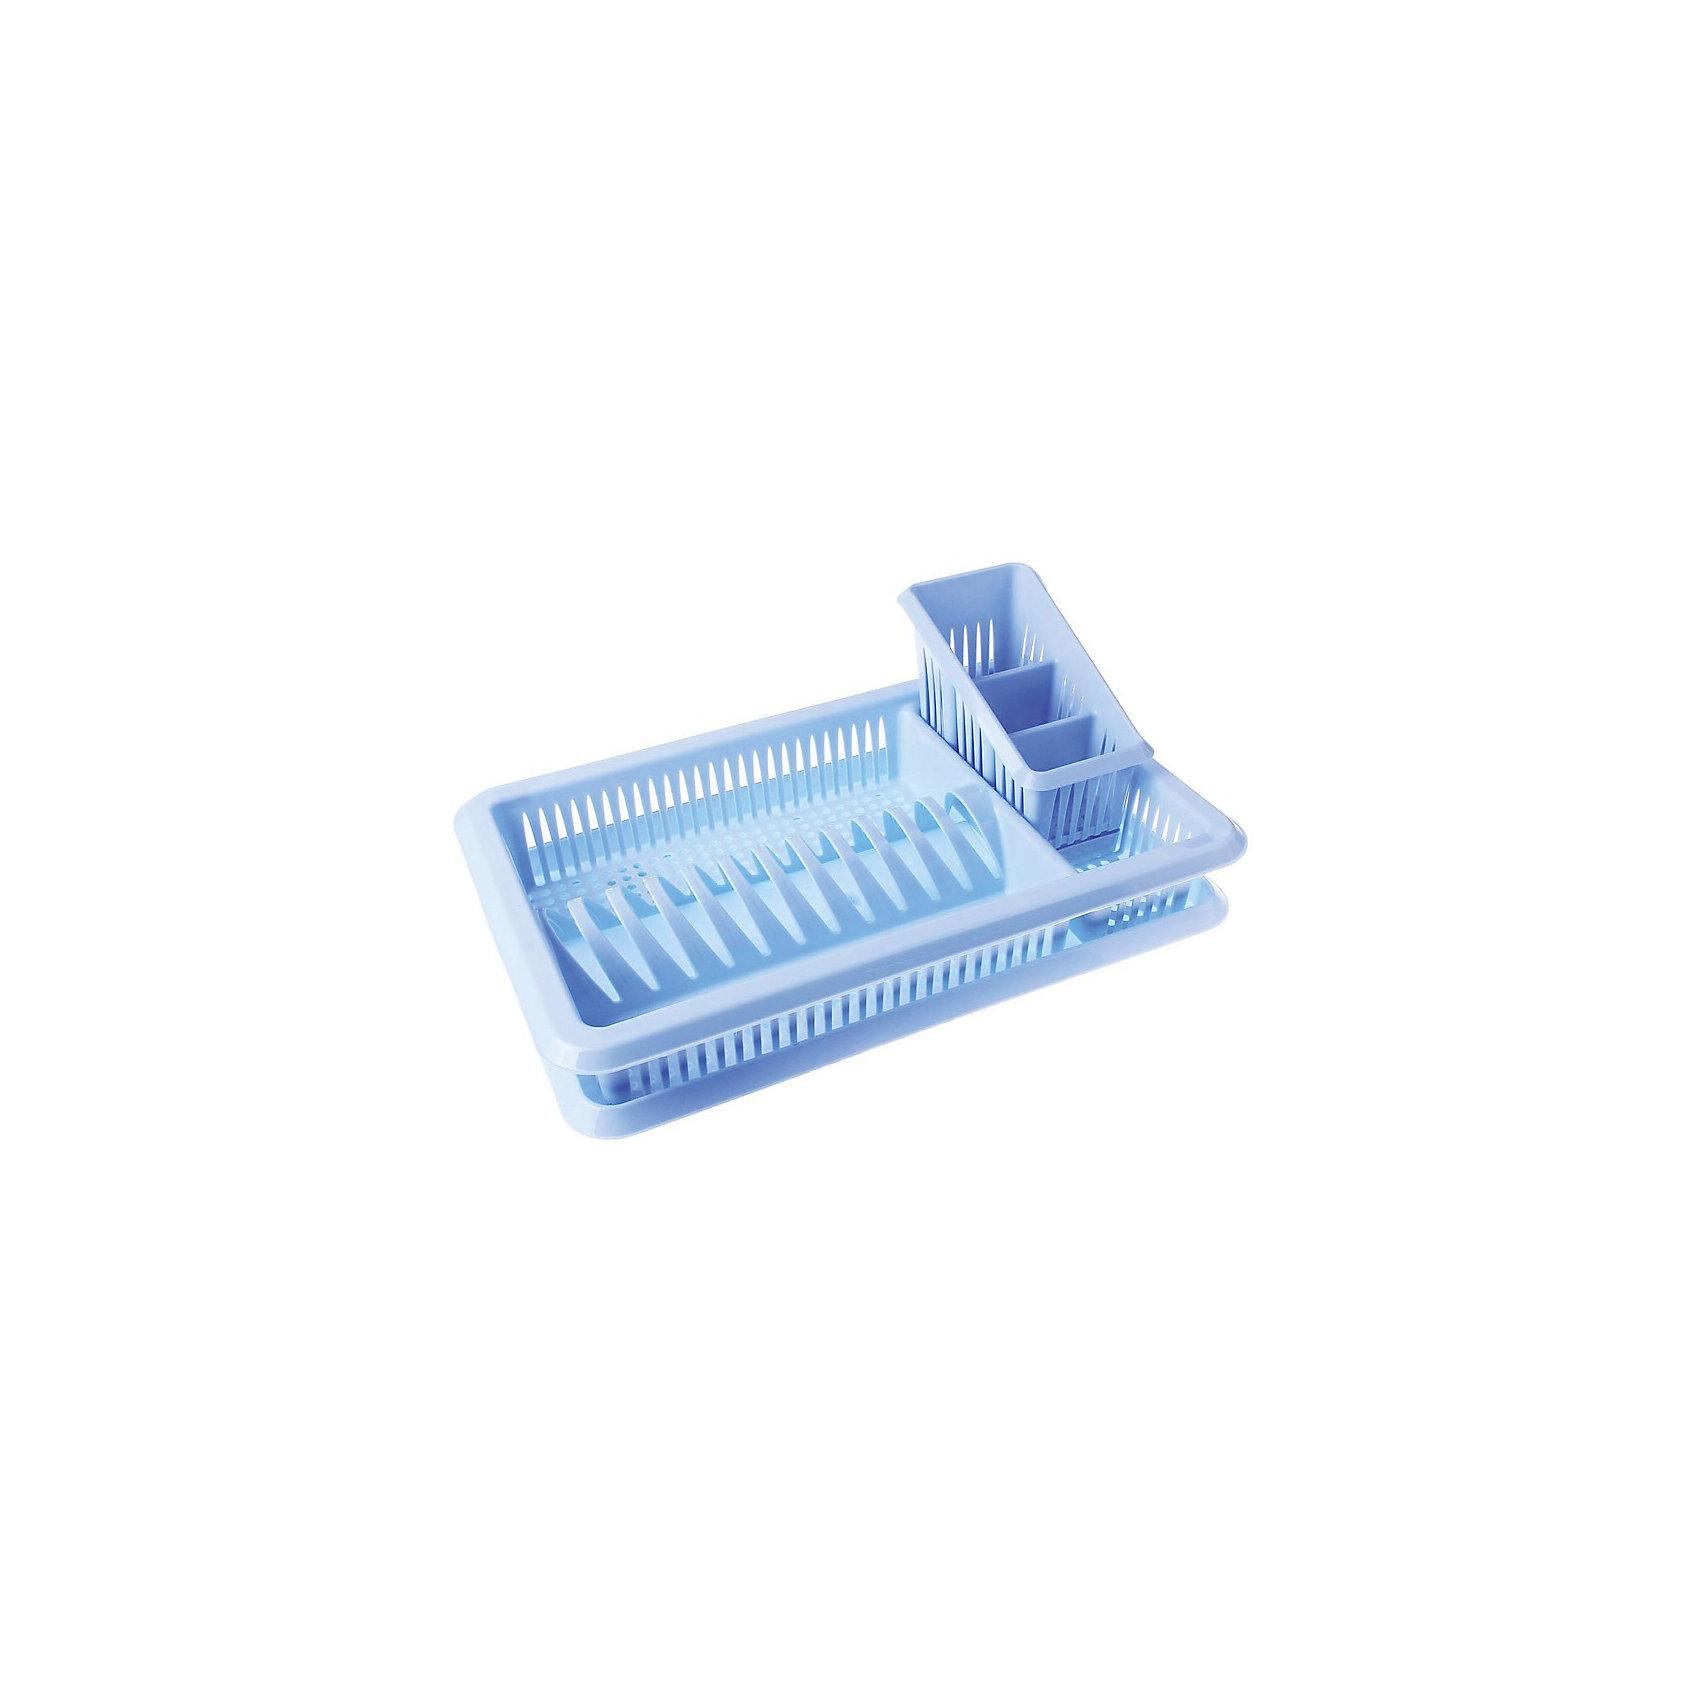 Сушилка для посуды и стол.приборов с поддоном 1-а ярусная Лилия, Plastic CentreПосуда<br>Сушилка для посуды и стол.приборов с поддоном 1-а ярусная Лилия, Plastic Centre<br><br>Характеристики:<br><br>• Материал: пластик<br>• Цвет: голубой<br>• В комплекте: 1 штука<br>• Размер: 48х30х17 см<br><br>Эта удобная сушилка  для посуды и столовых приборов позволит вам держать ящики для их хранения в полном порядке. Сушилка состоит из двух секций и сделана из высококачественного пластика, который не бьется и устойчив к царапинам. Изделие легко моется и с его помощью вы легко сохраните порядок на вашей кухне.<br><br>Сушилка для посуды и стол.приборов с поддоном 1-а ярусная Лилия, Plastic Centre можно купить в нашем интернет-магазине.<br><br>Ширина мм: 480<br>Глубина мм: 305<br>Высота мм: 170<br>Вес г: 748<br>Возраст от месяцев: 216<br>Возраст до месяцев: 1188<br>Пол: Унисекс<br>Возраст: Детский<br>SKU: 5545683